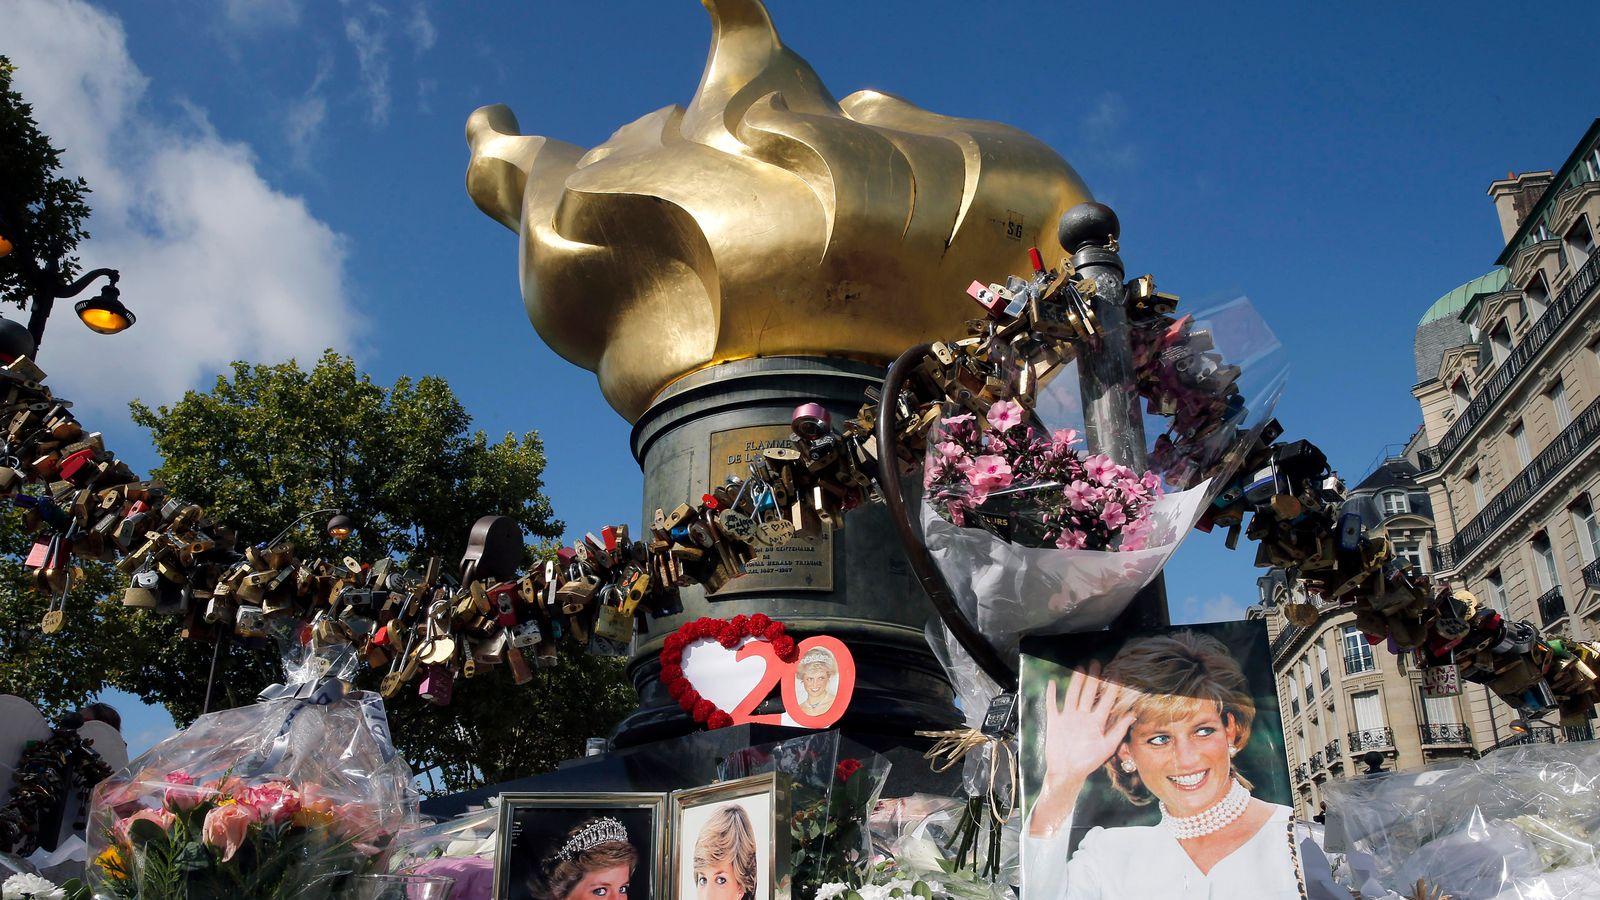 为纪念戴安娜王妃,巴黎市政府计划将以戴安娜命名广场